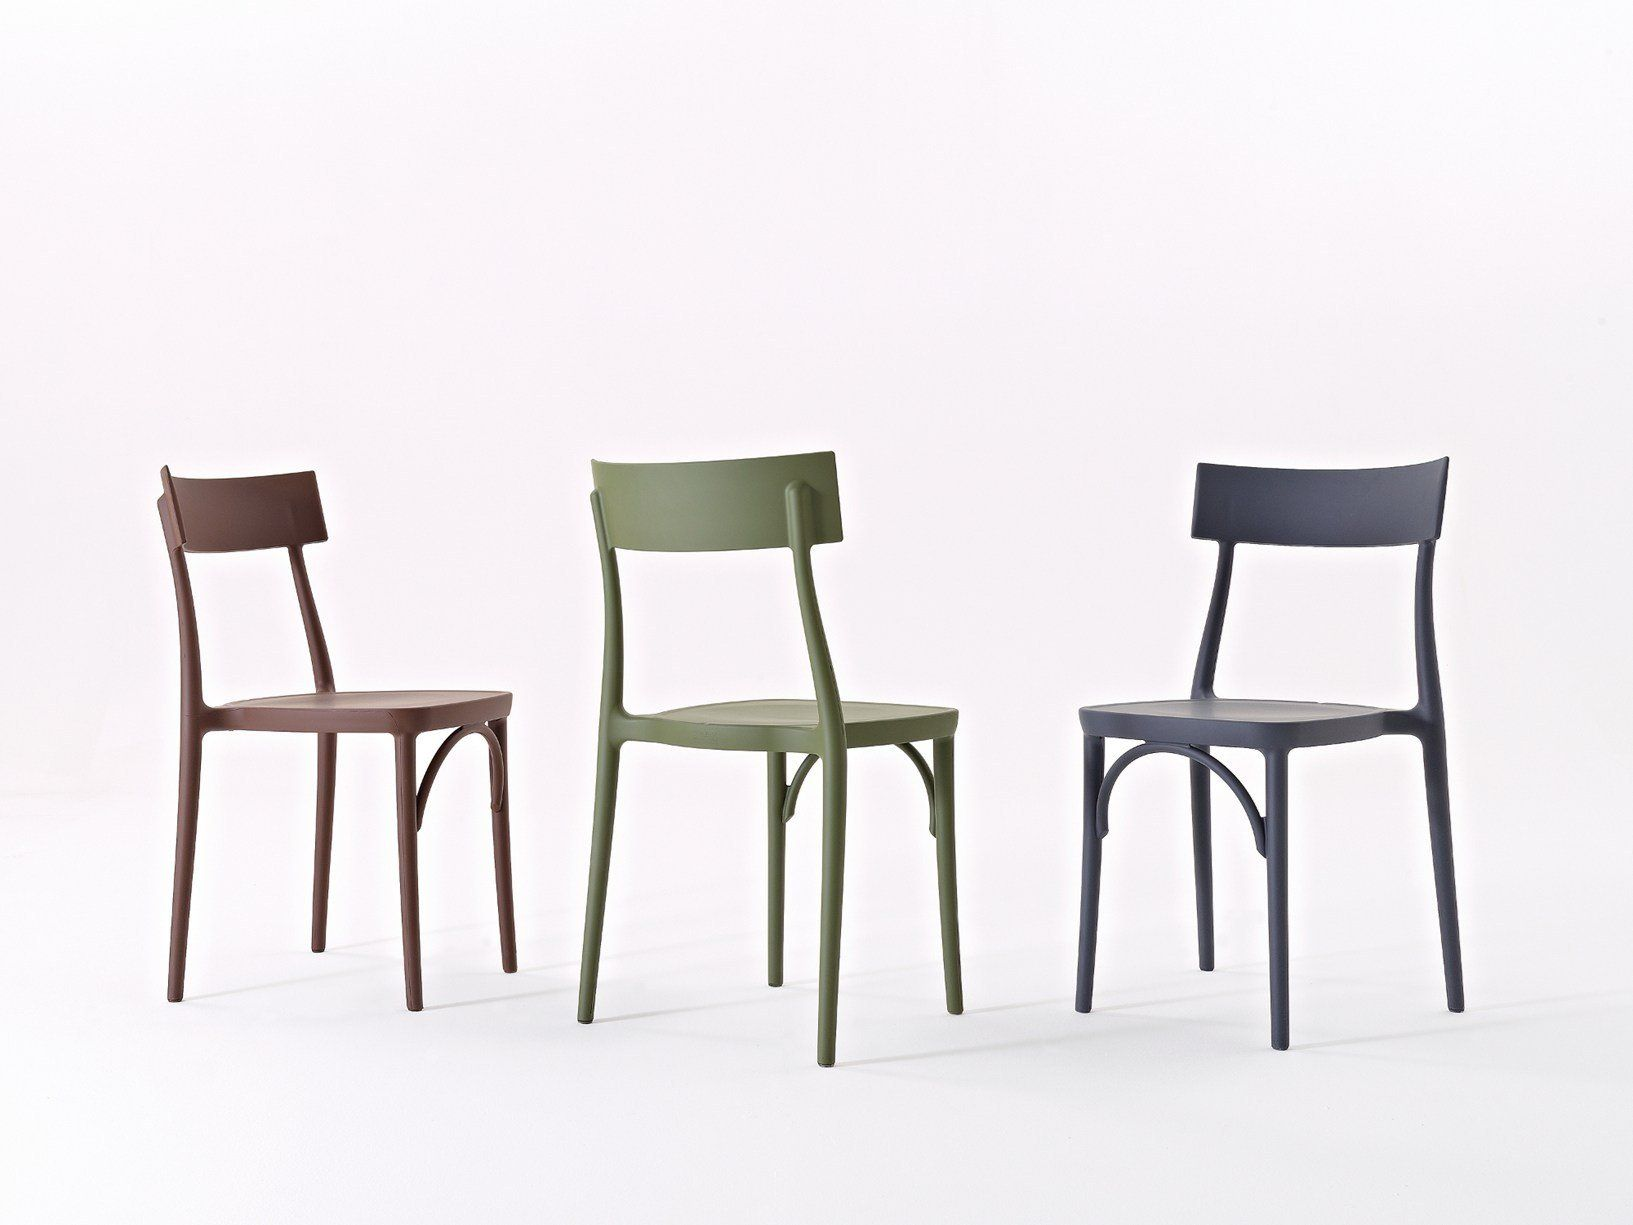 Colico Design Sedie.Novita E Best Seller Rivisitati Per Colico Design A Isaloni 2015